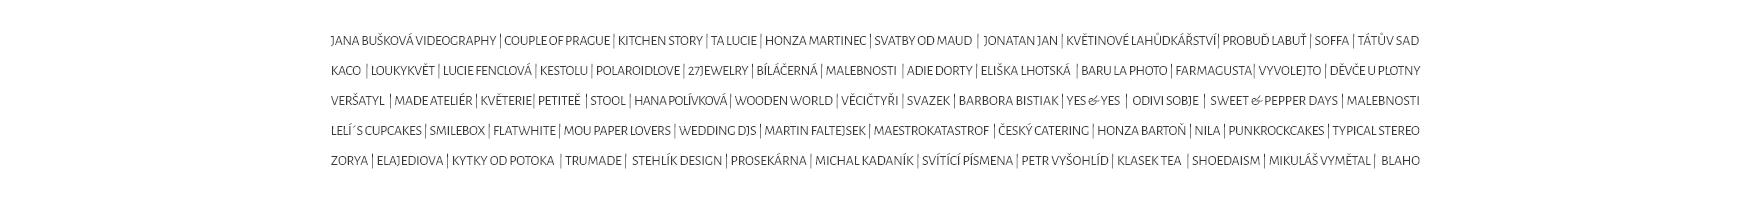 seznam-vystavovatelu-2017